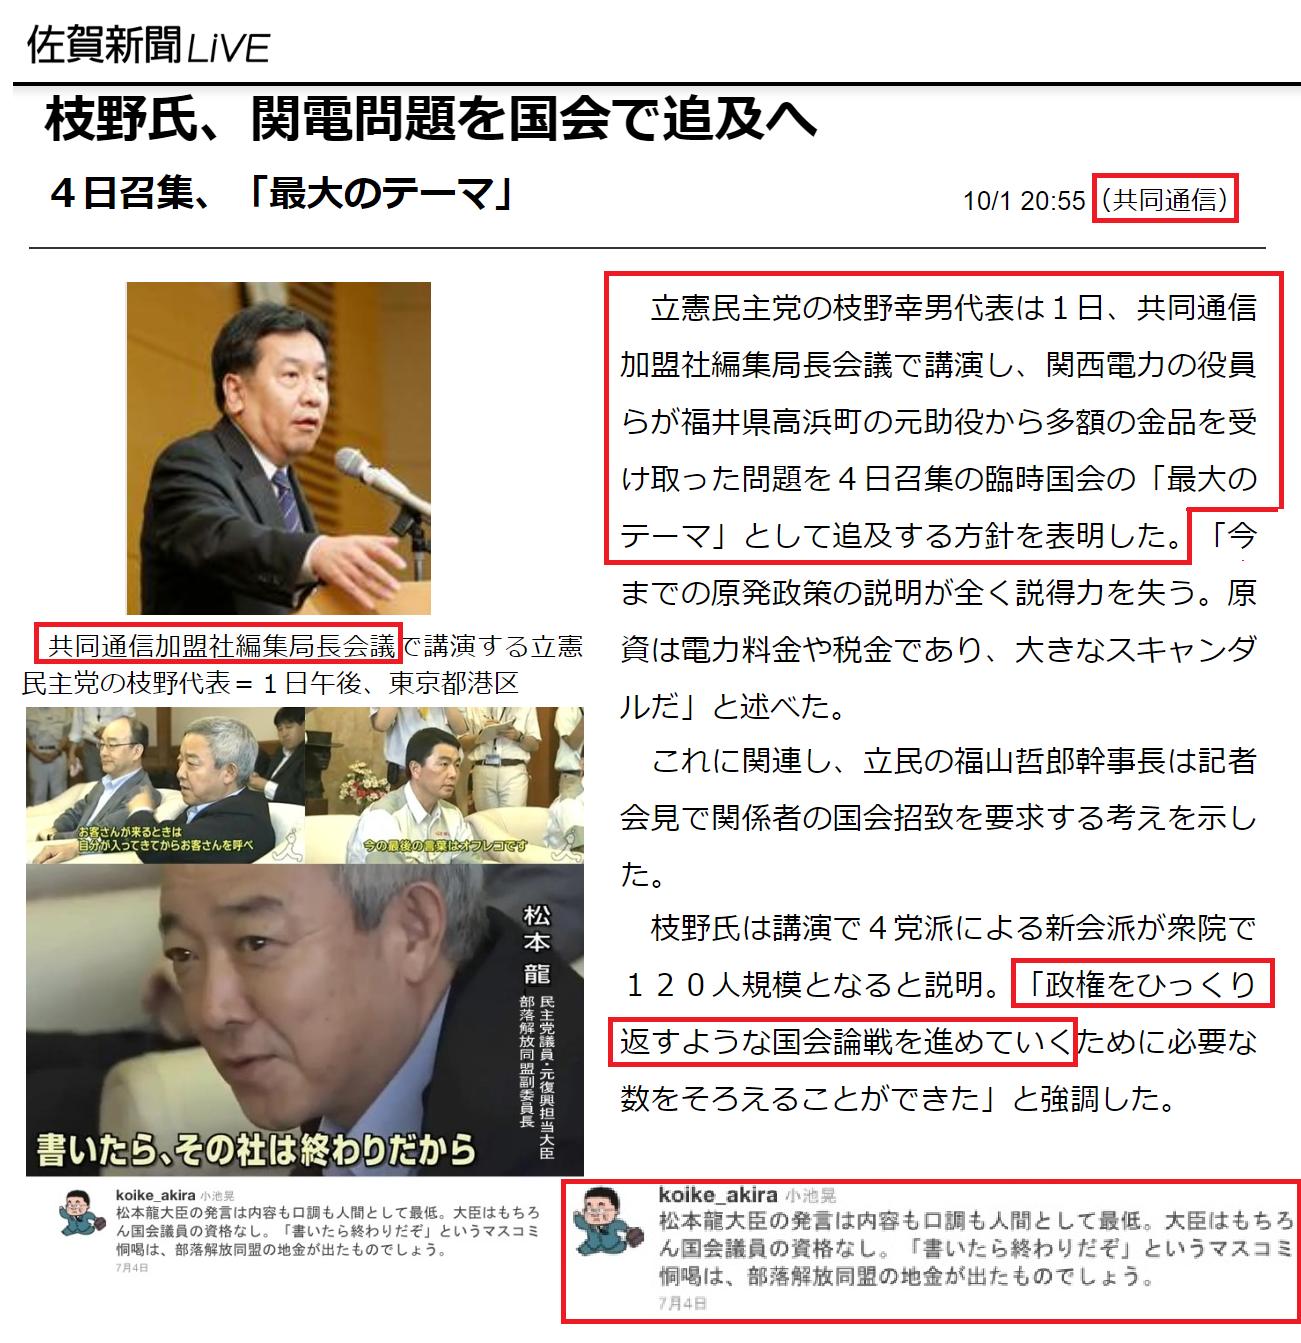 枝野「関電賄賂は国会最大のテーマ」